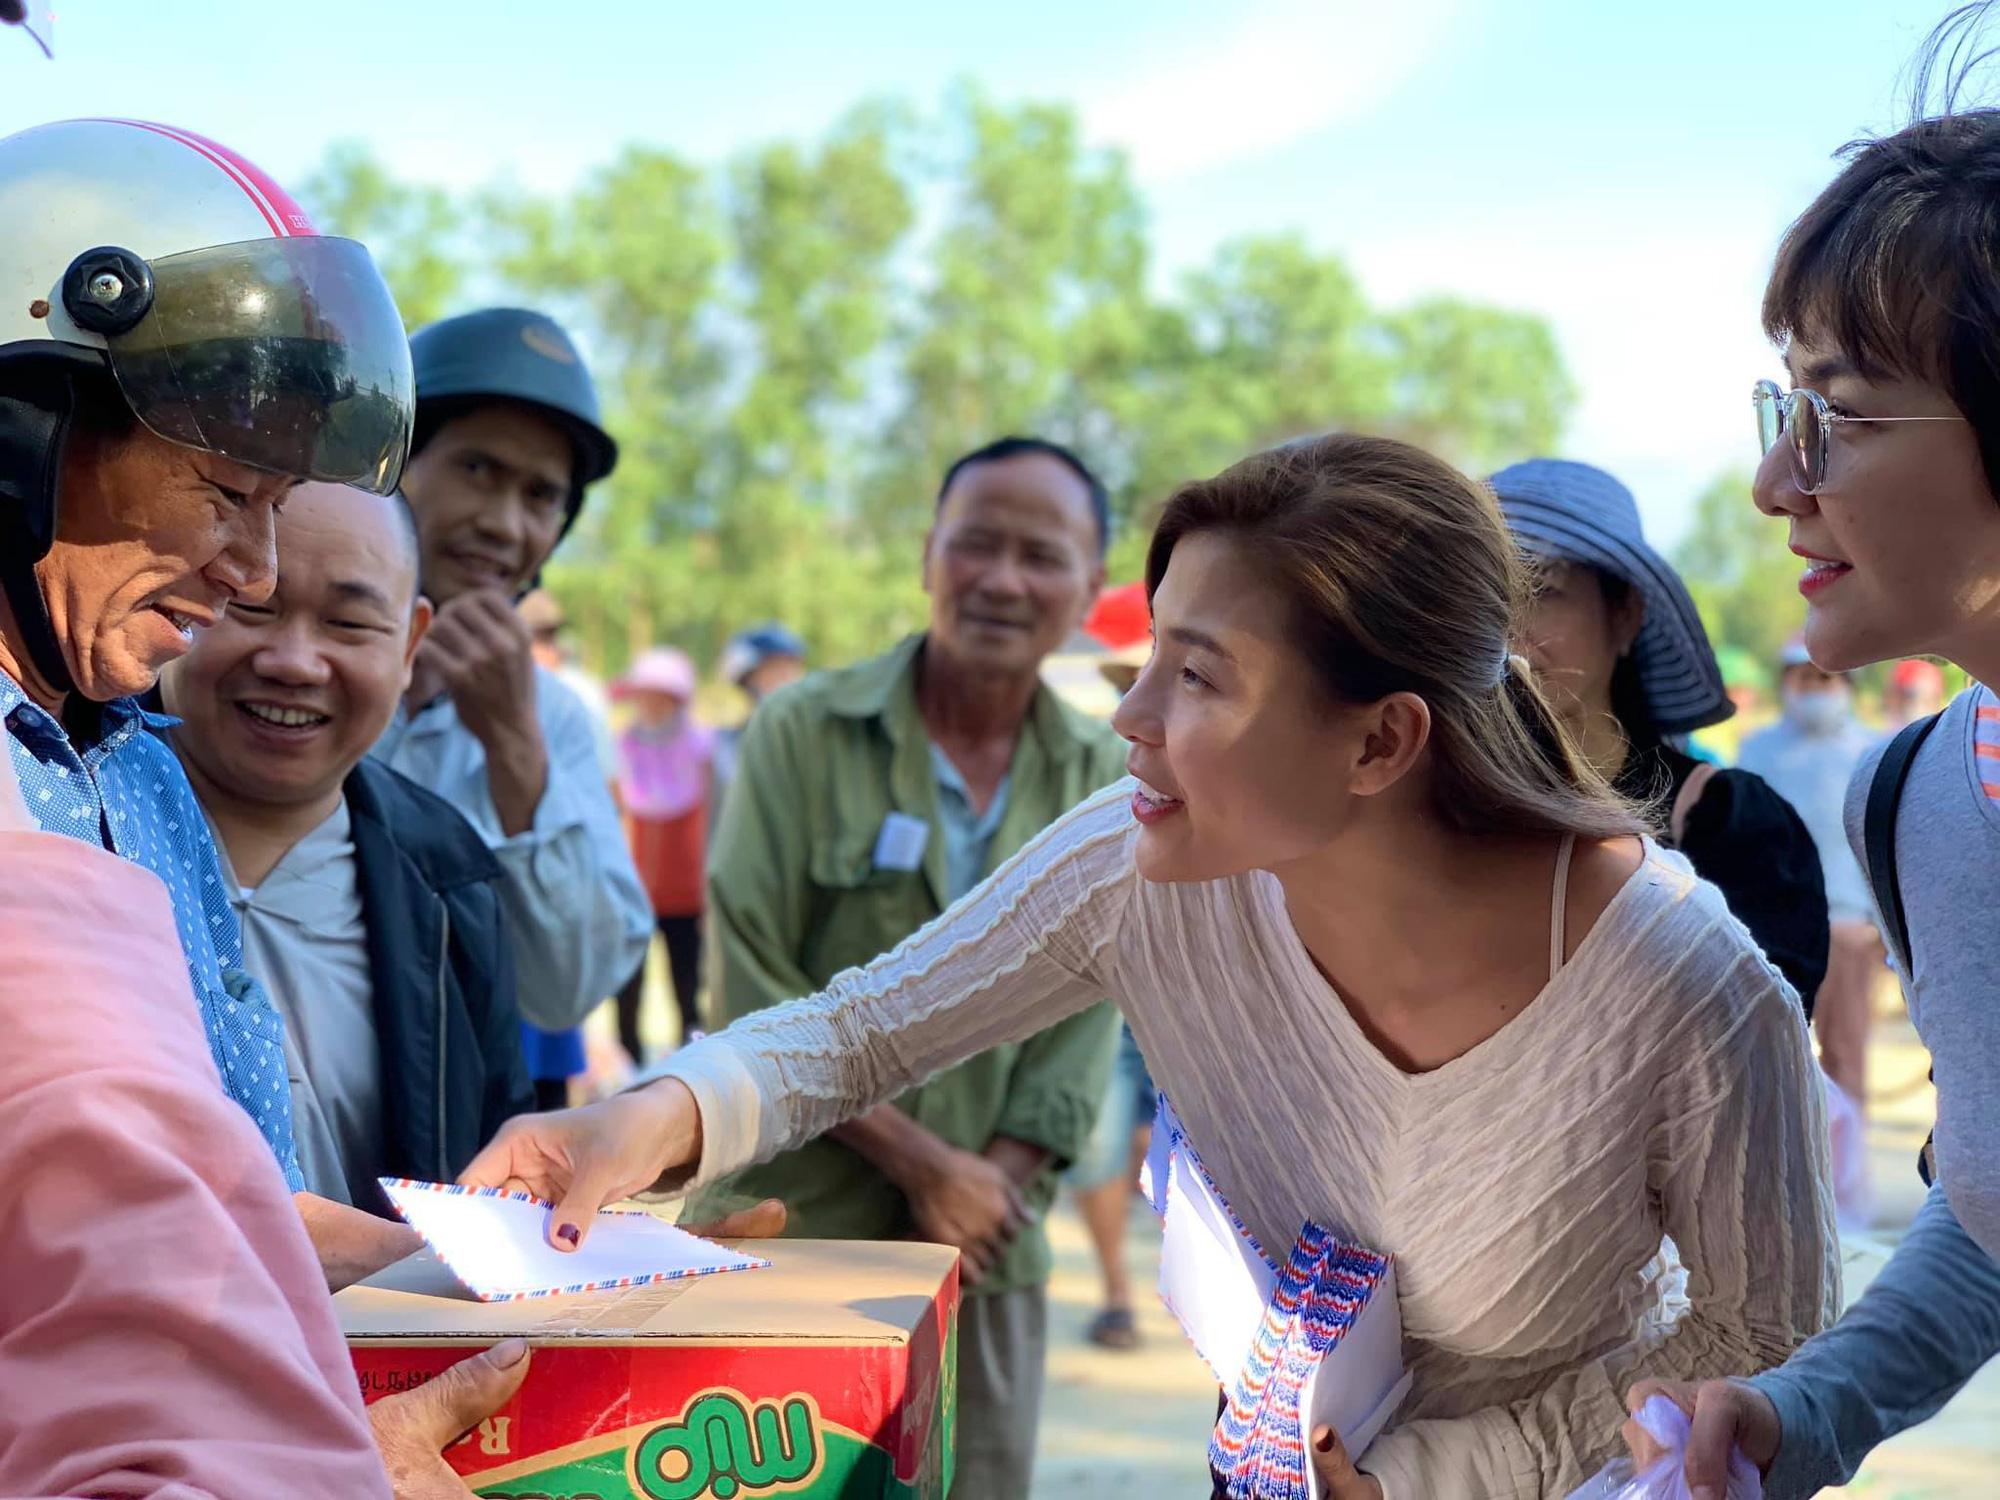 Bị so sánh với Thủy Tiên, diễn viên Thúy Diễm nói điều bất ngờ - Ảnh 1.